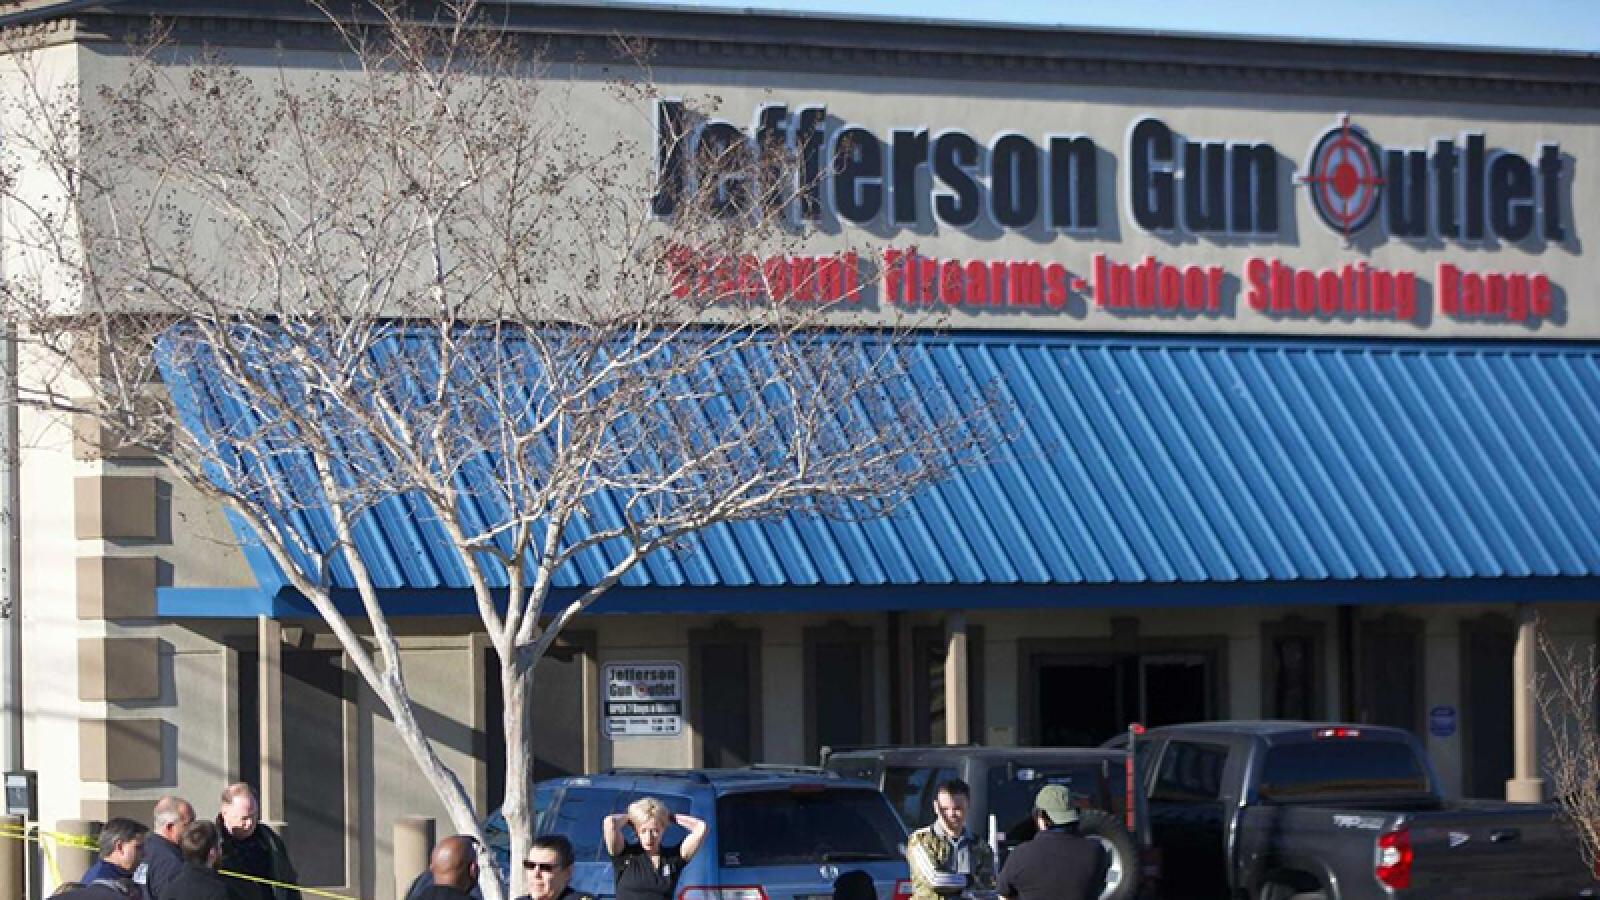 Xả súng tại cửa hàng vũ khí ở Mỹ khiến 5 người thương vong